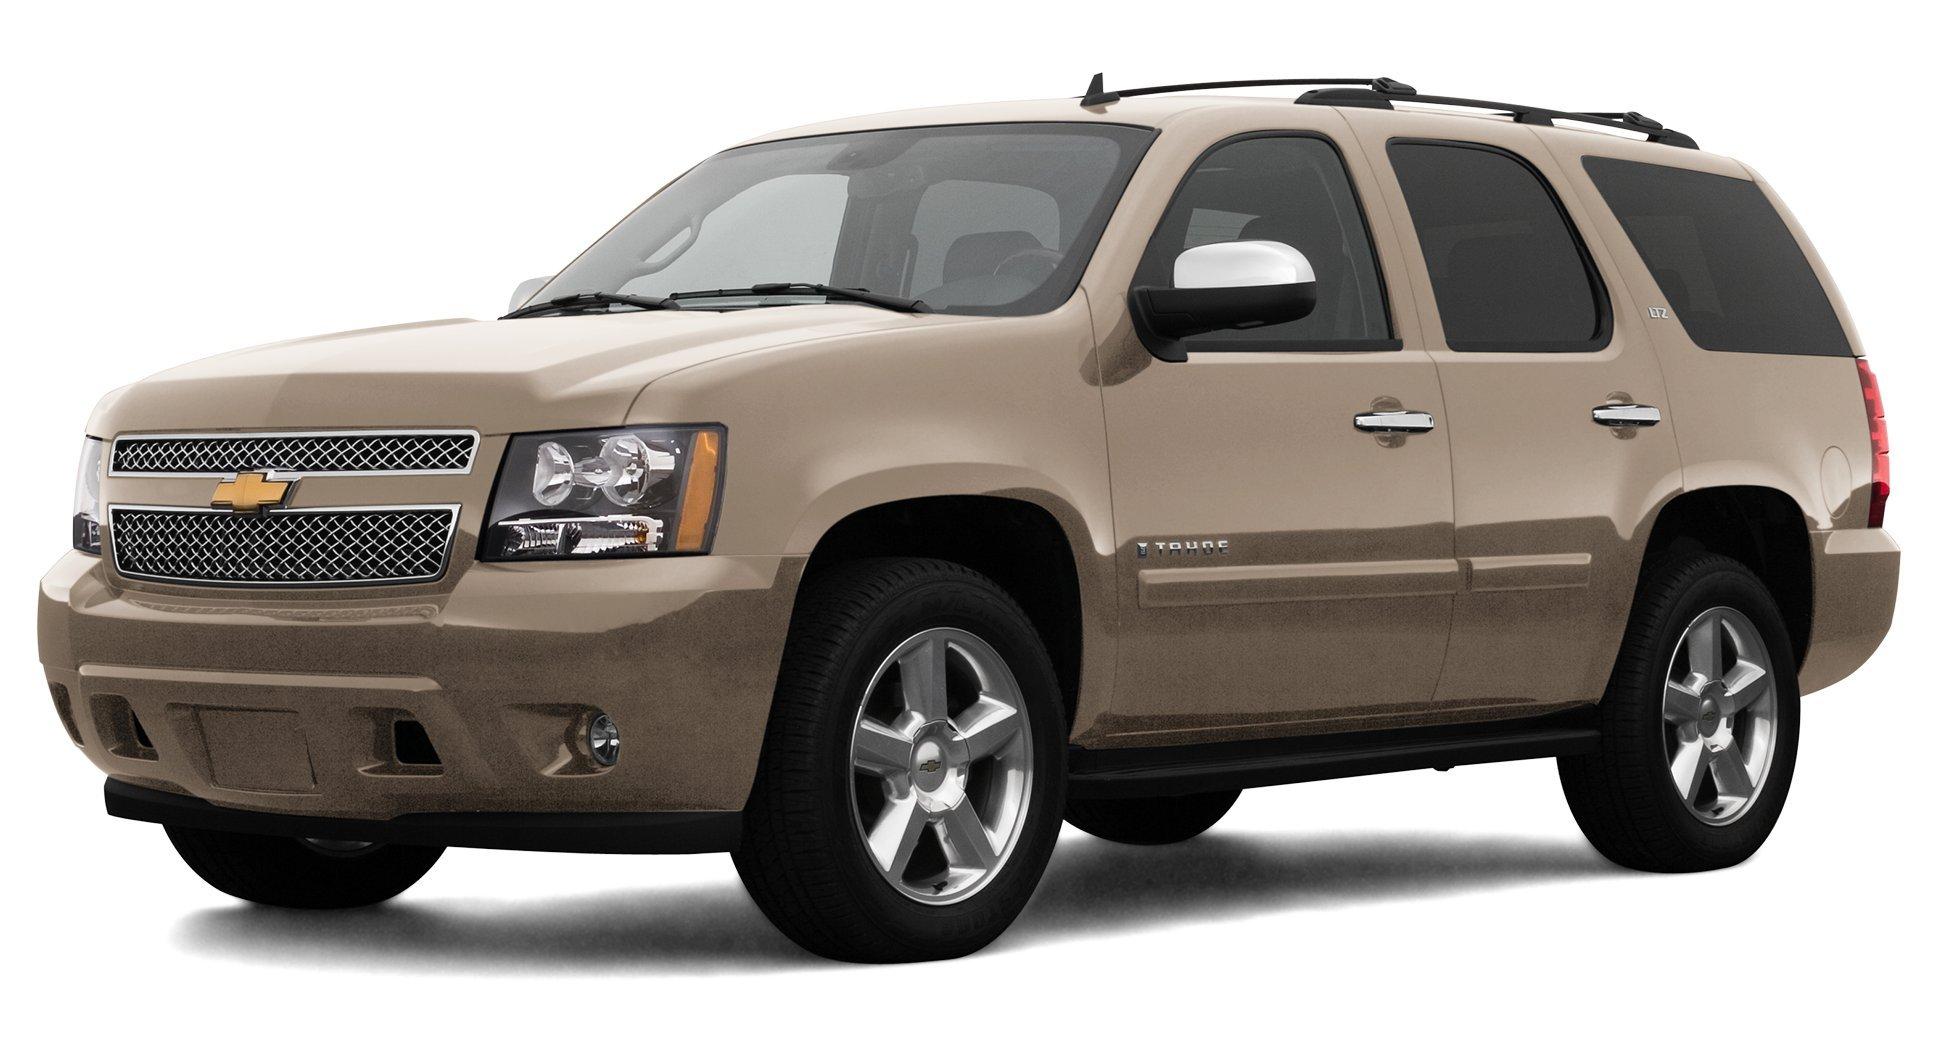 2007 Chevrolet Tahoe Ltz >> Amazon Com 2007 Chevrolet Tahoe Reviews Images And Specs